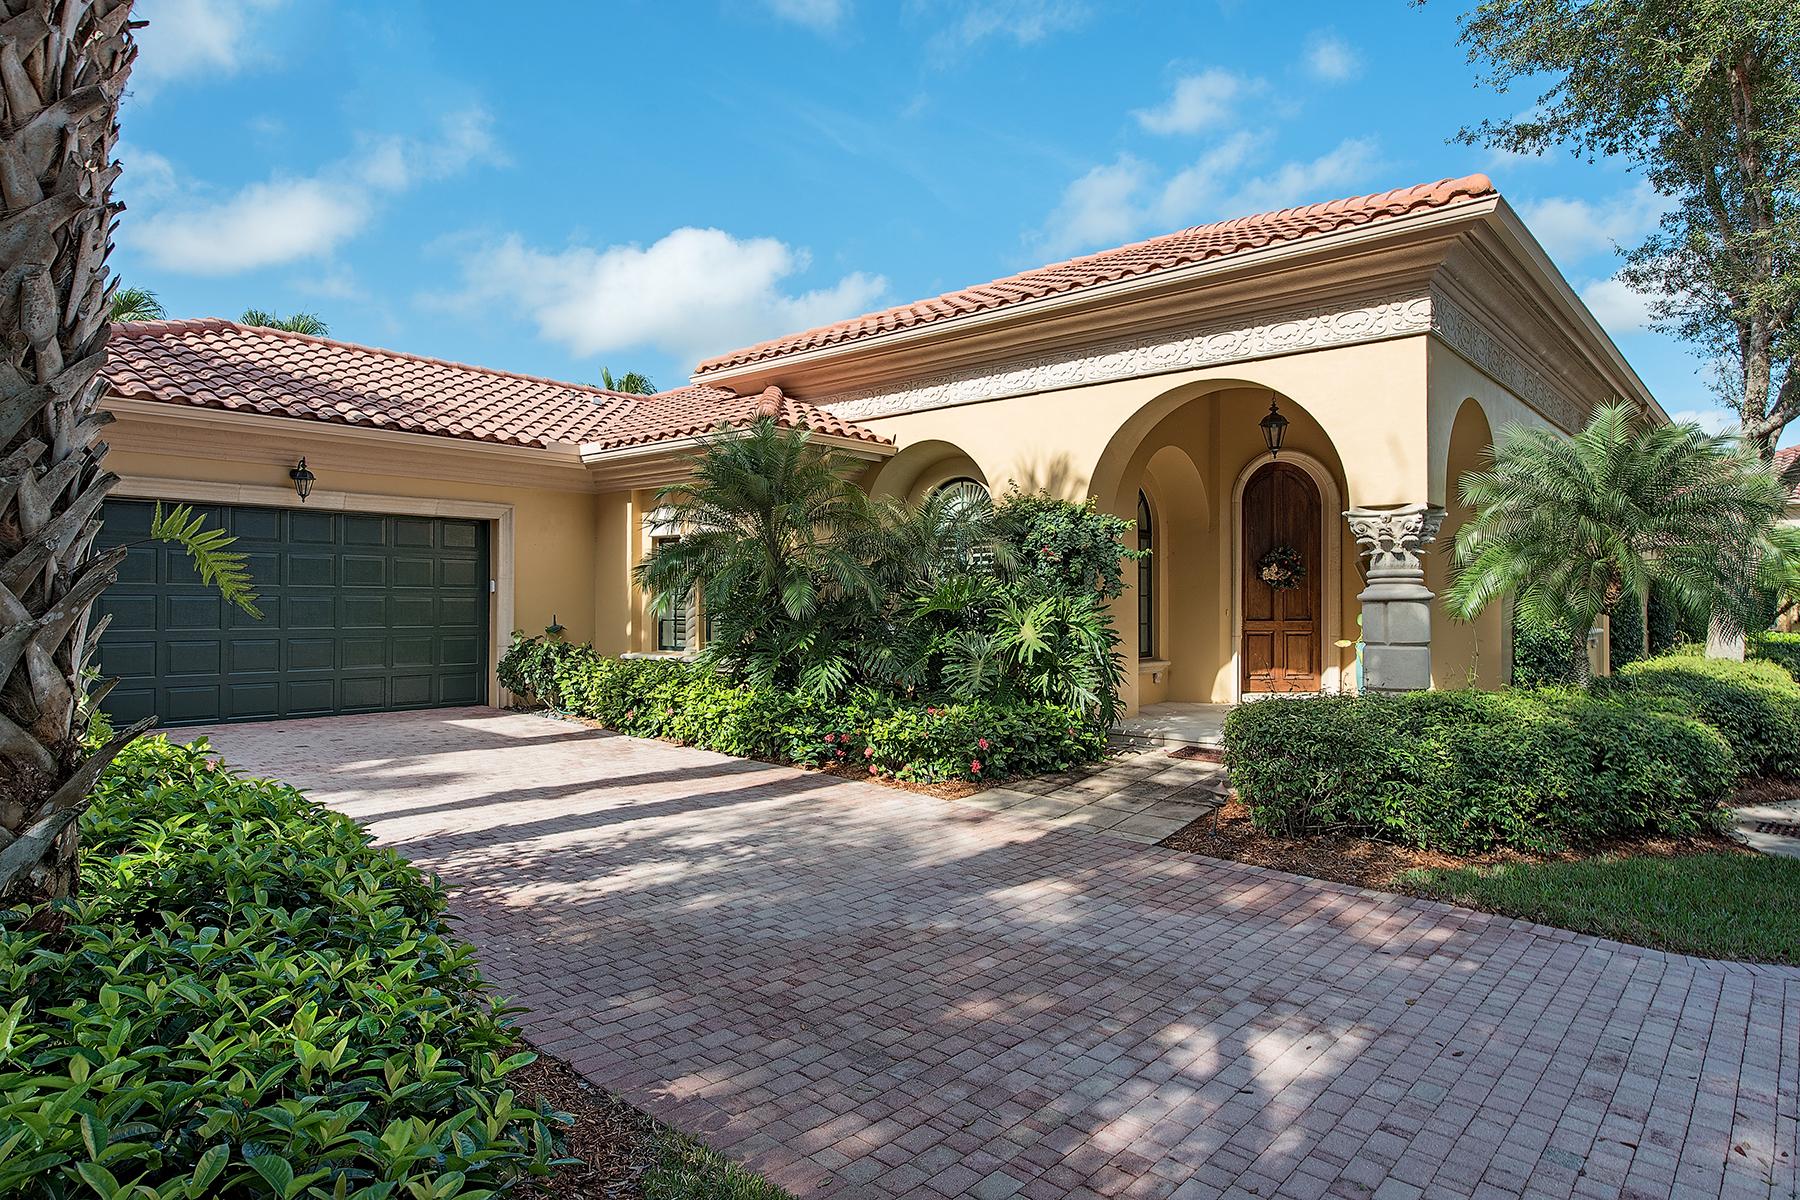 Частный односемейный дом для того Продажа на 2563 Avila Ln , Naples, FL 34105 2563 Avila Ln Naples, Флорида, 34105 Соединенные Штаты